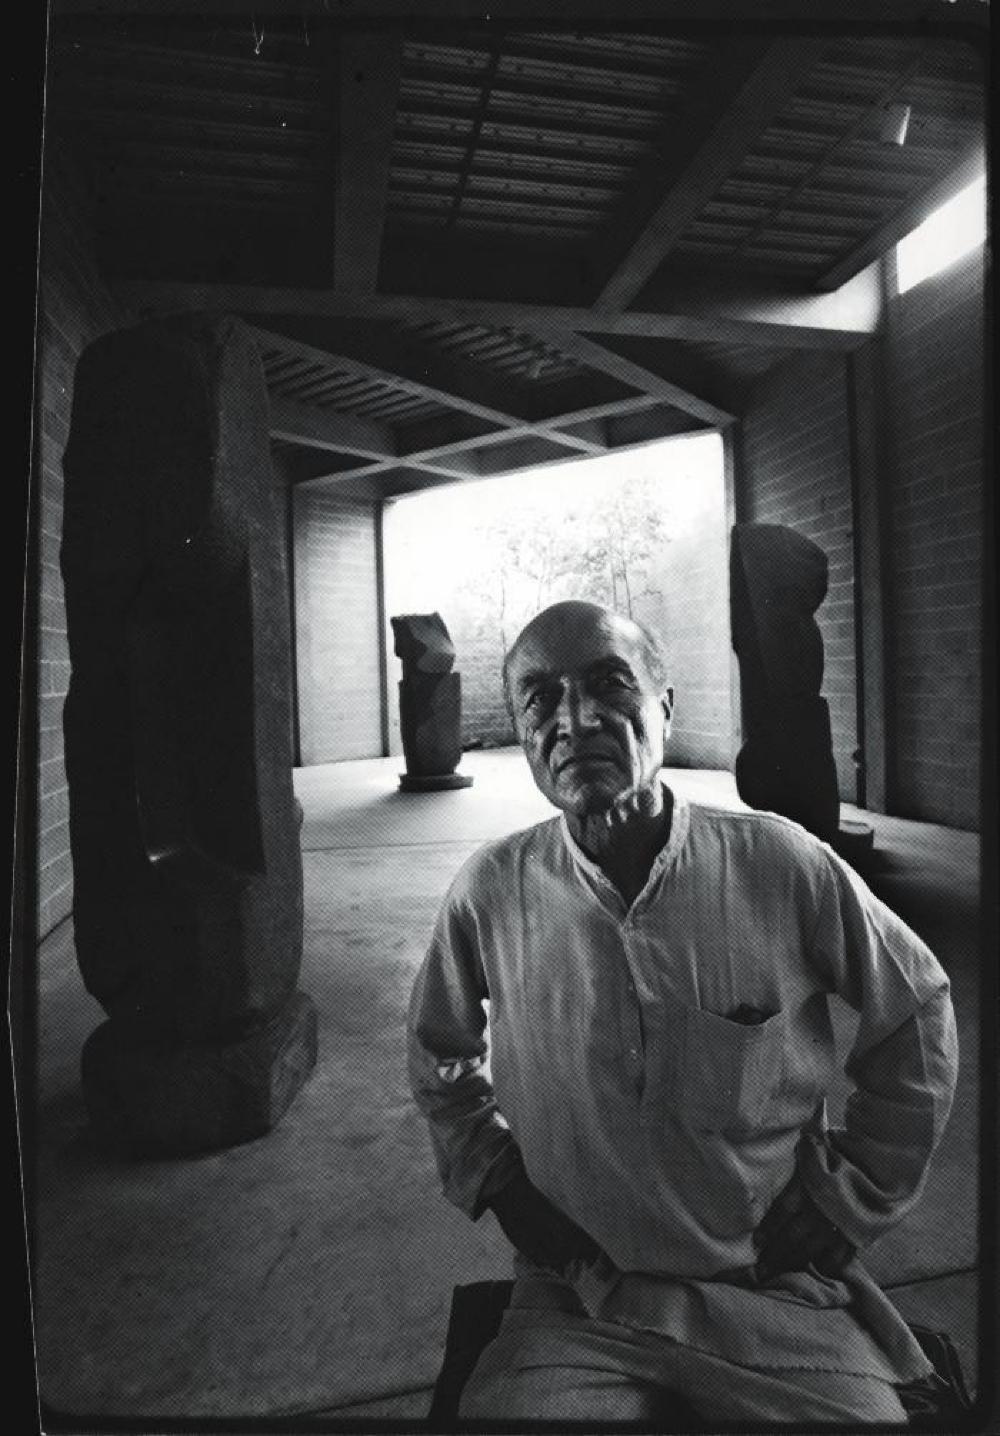 Portrait of Isamu Noguchi in the Isamu Noguchi Garden Museum